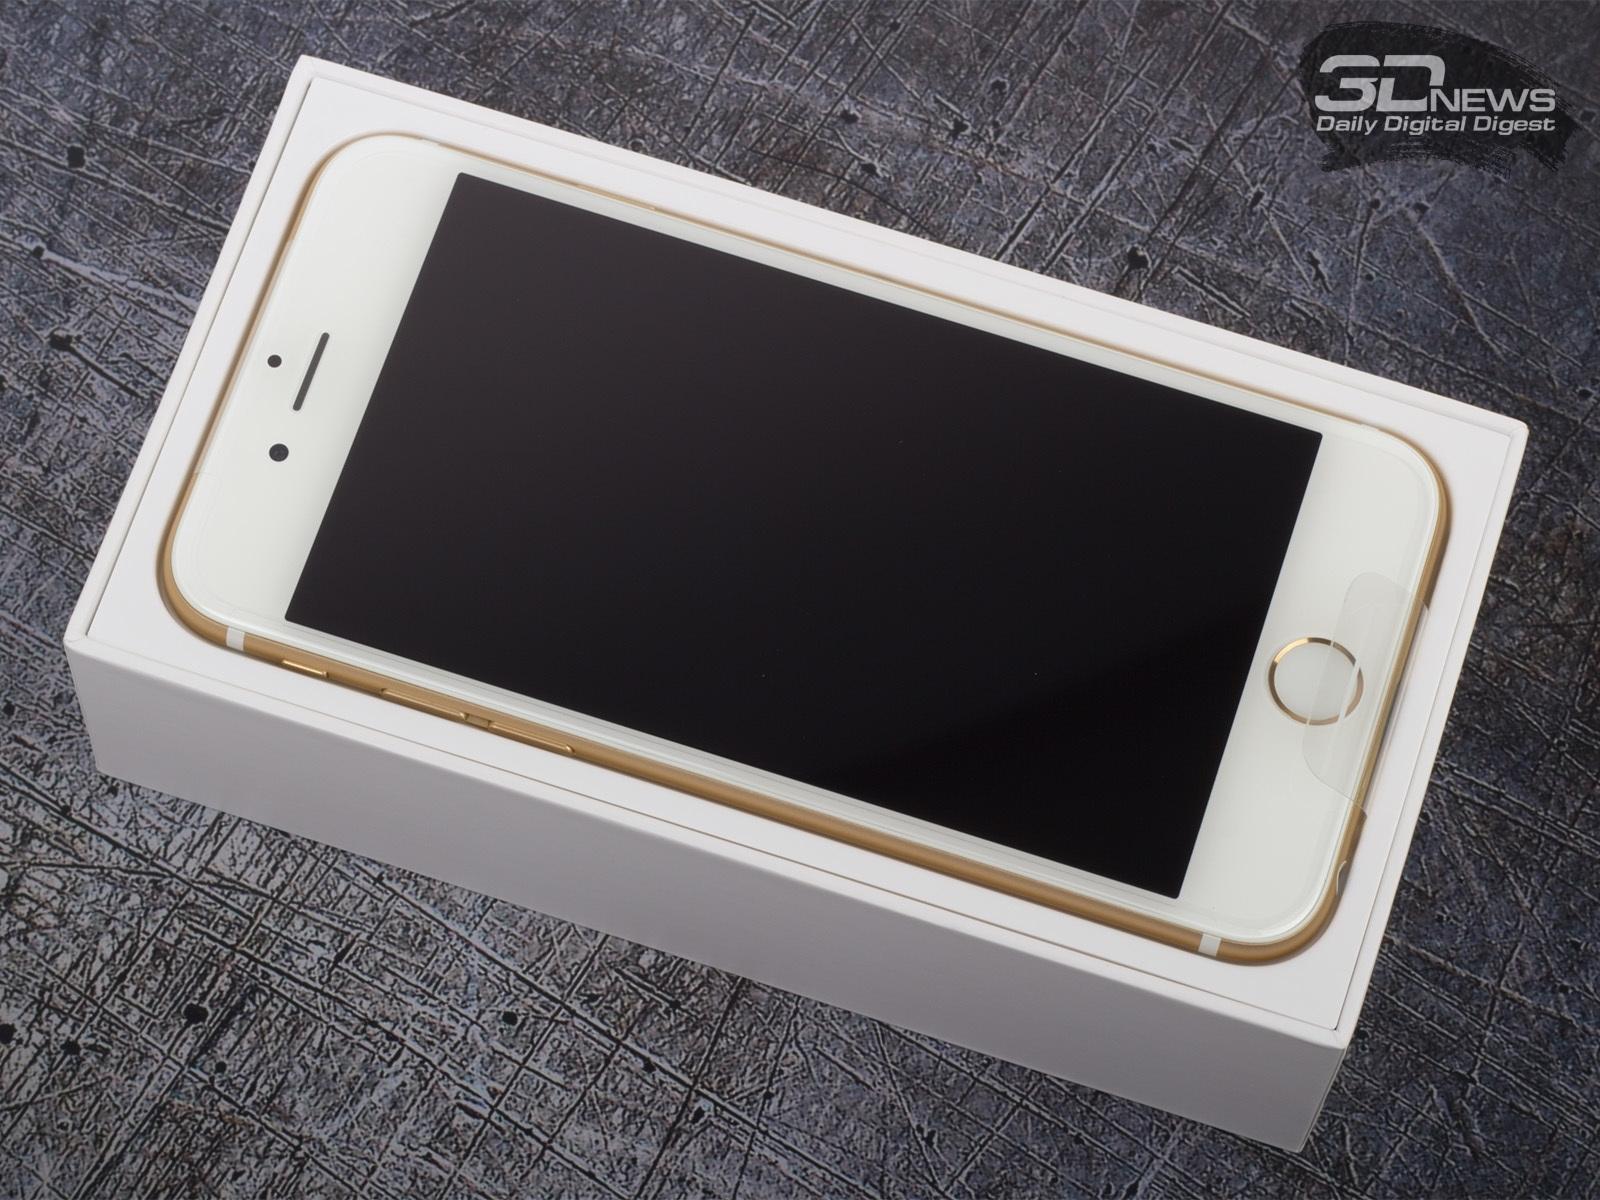 В продаже появился iPhone 6 с 32 Гбайт памяти